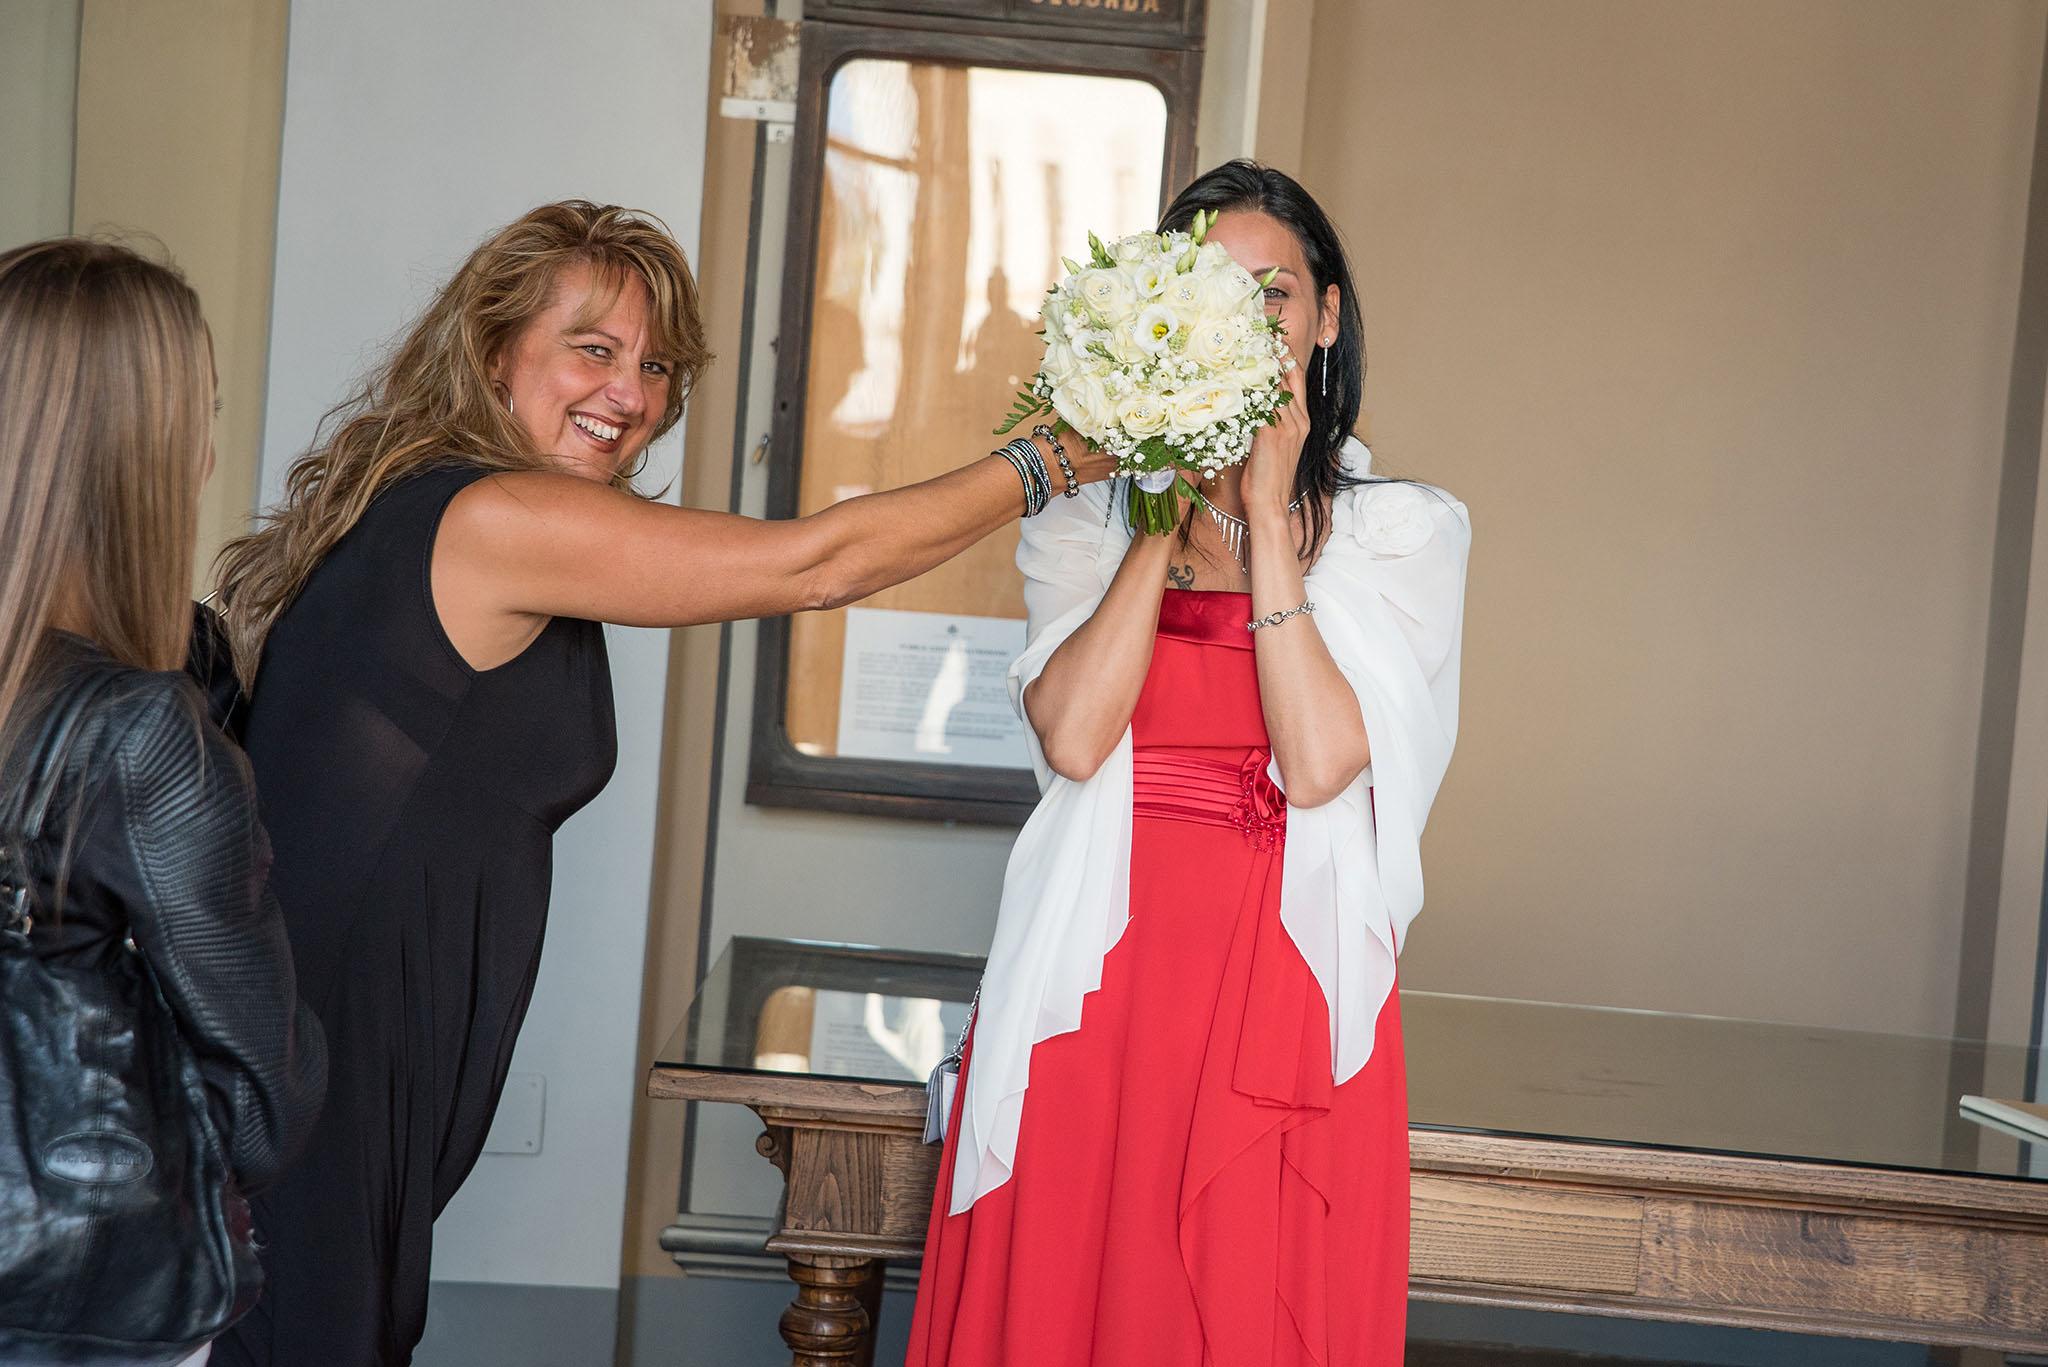 Matrimonio Bra Sonia Antonio - Wdding Matrimonio Emanuele Tibaldi Fotografo 2 - Foto-matrimonio-creative - Foto-matrimonio-creative